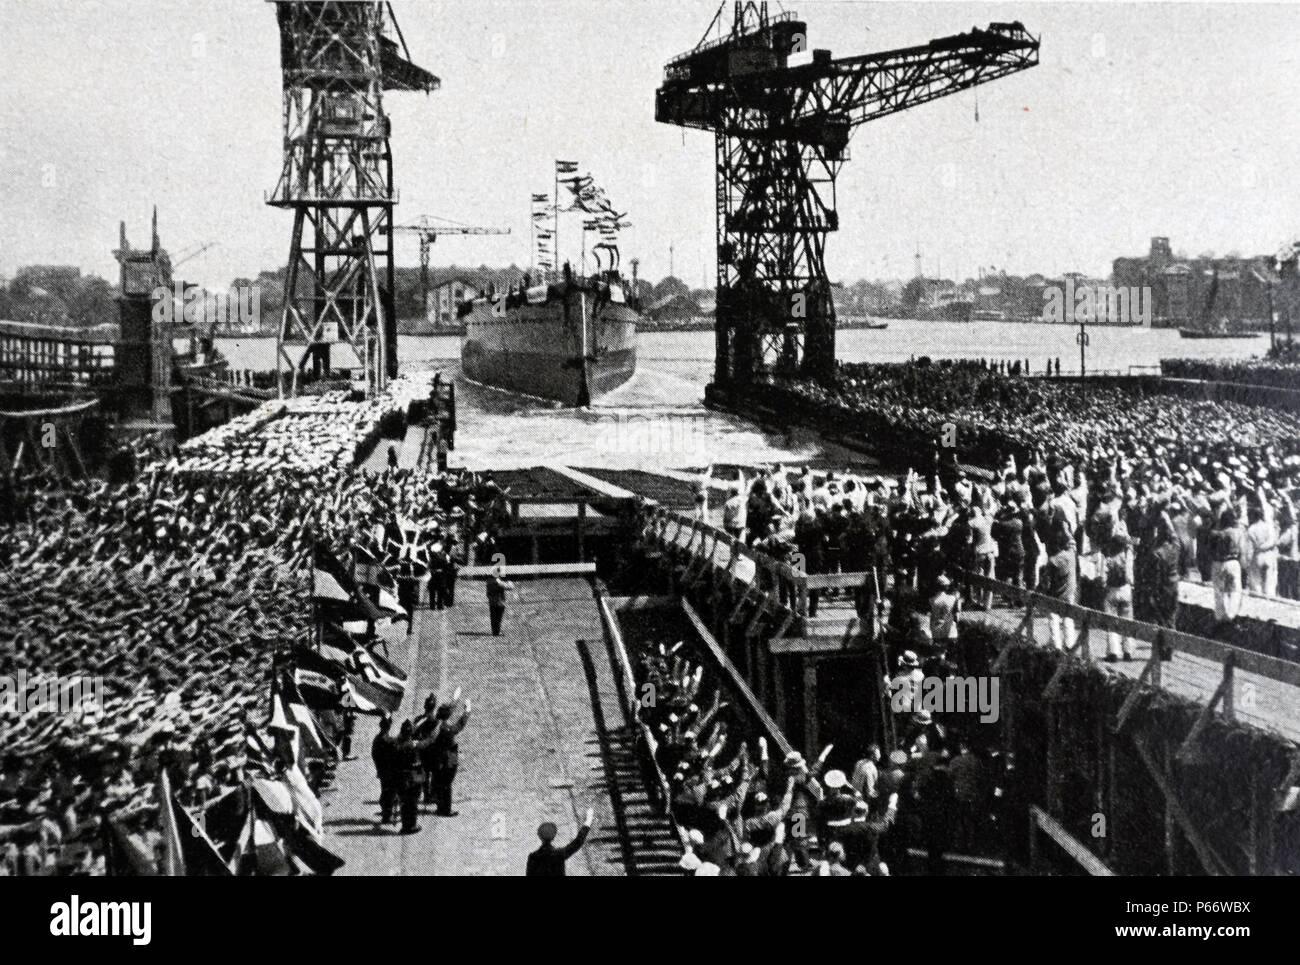 """Einleitung der """"Graf Spee"""" im Jahre 1934. . Admiral Graf Spee war ein Deutschland-Klasse Heavy Cruiser, die mit der Kriegsmarine des nationalsozialistischen Deutschland während des Zweiten Weltkrieges diente Stockbild"""